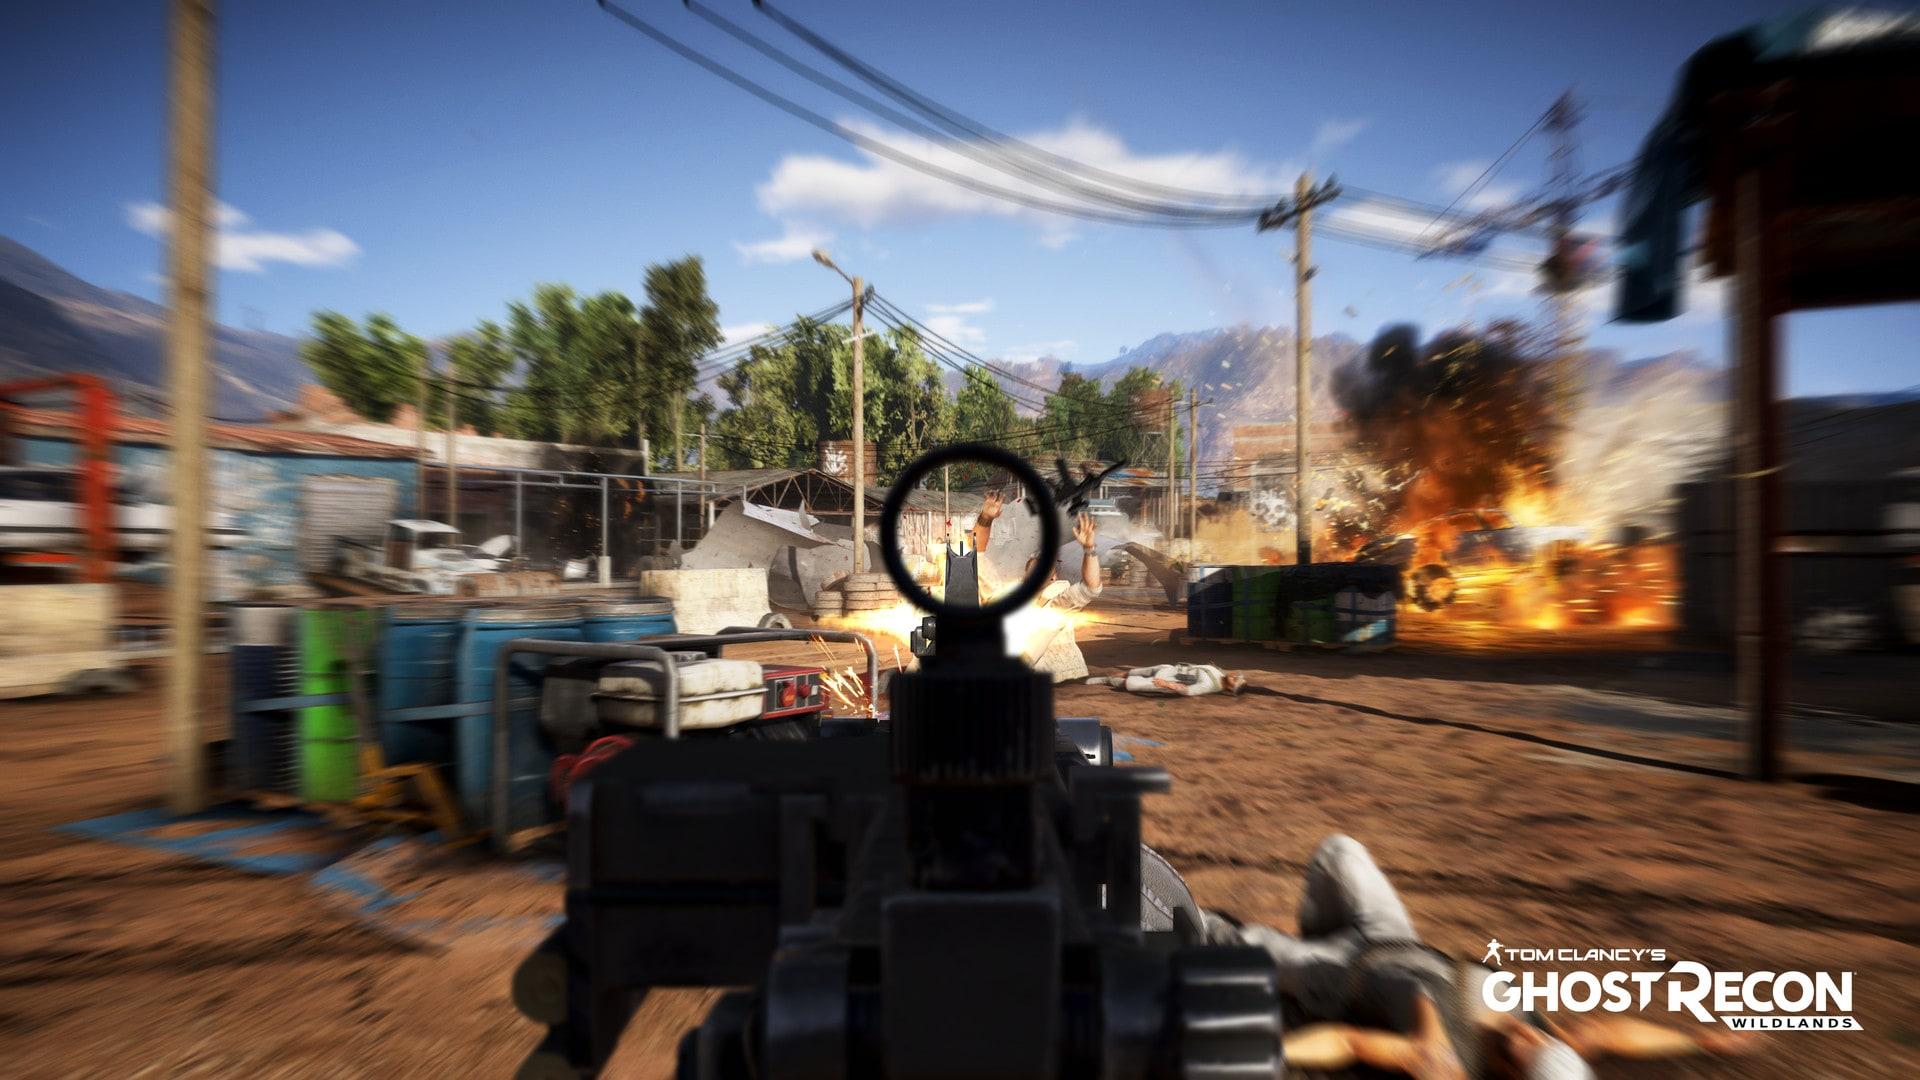 Tom Clancy's Ghost Recon Wildlands (Xbox One) - Xbox Live Key - GLOBAL - 3